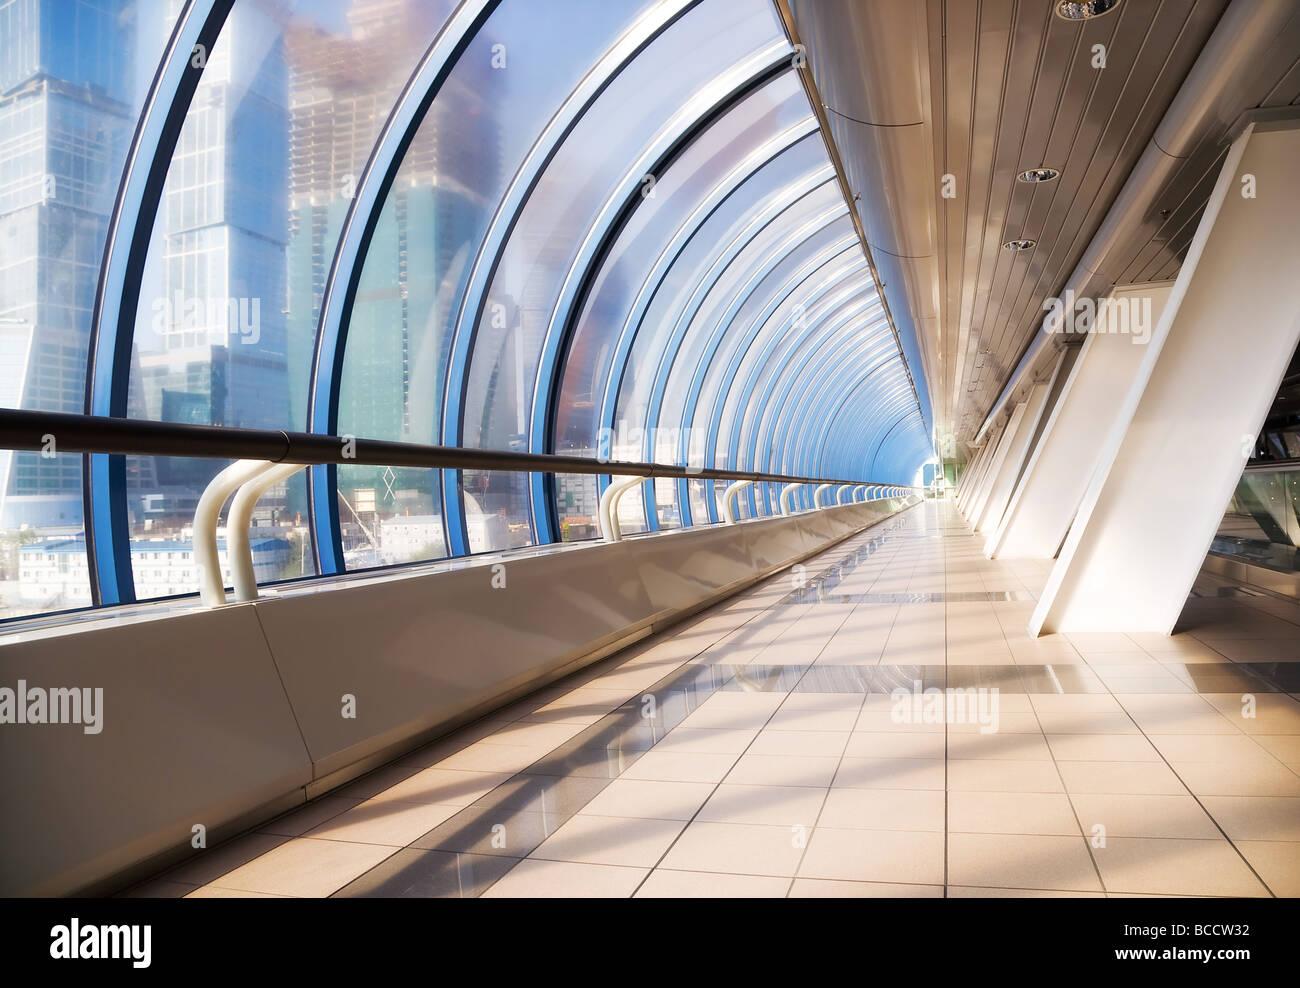 Pont moderne grand angle intérieur Banque D'Images